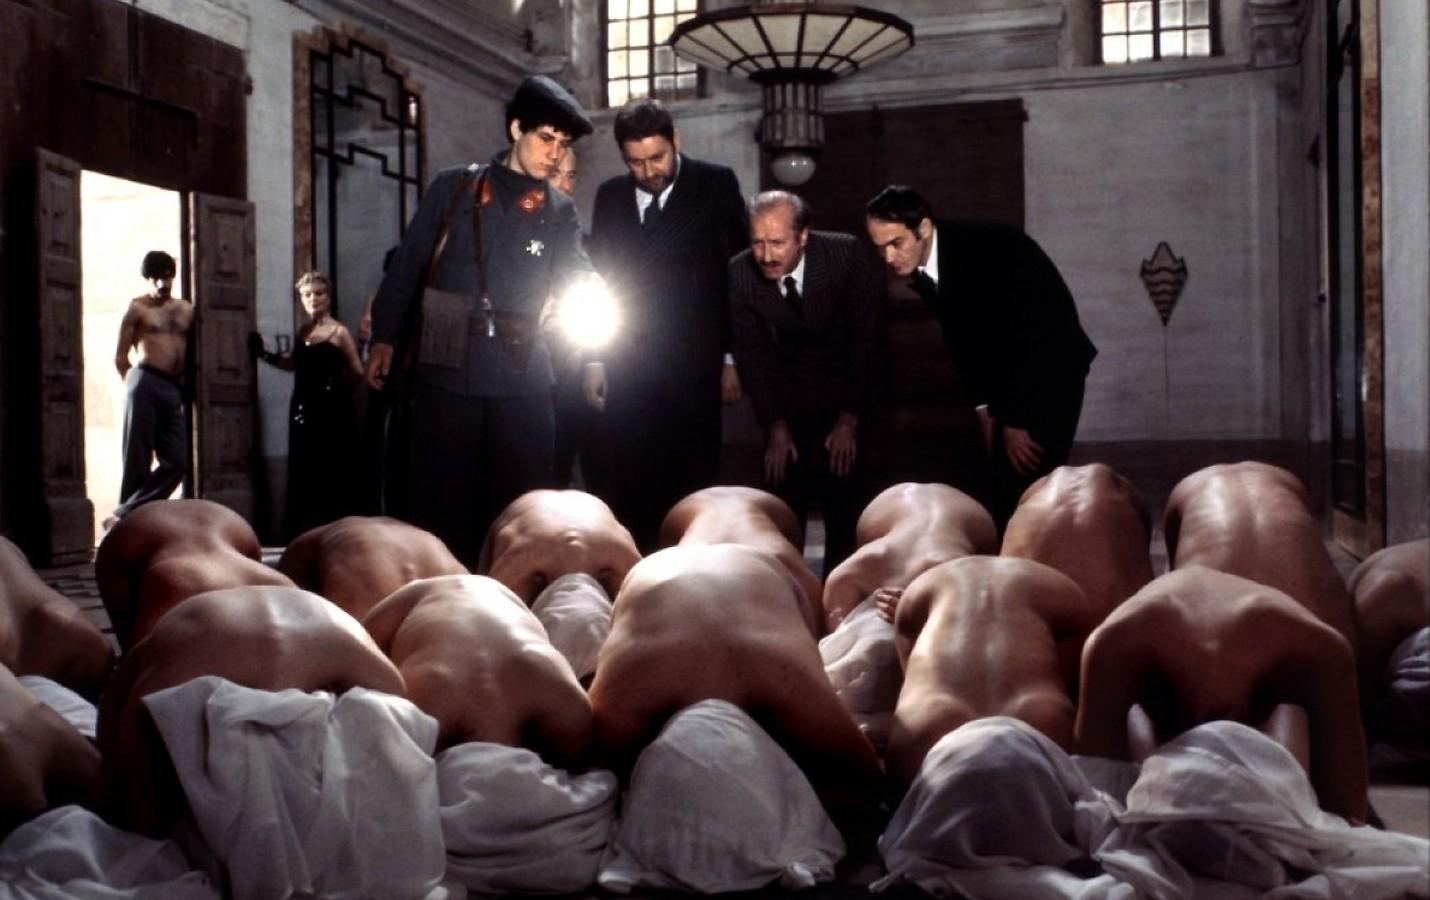 Pasolinis «Saló oder die 20 Tage von Sodom» zeigt die ...